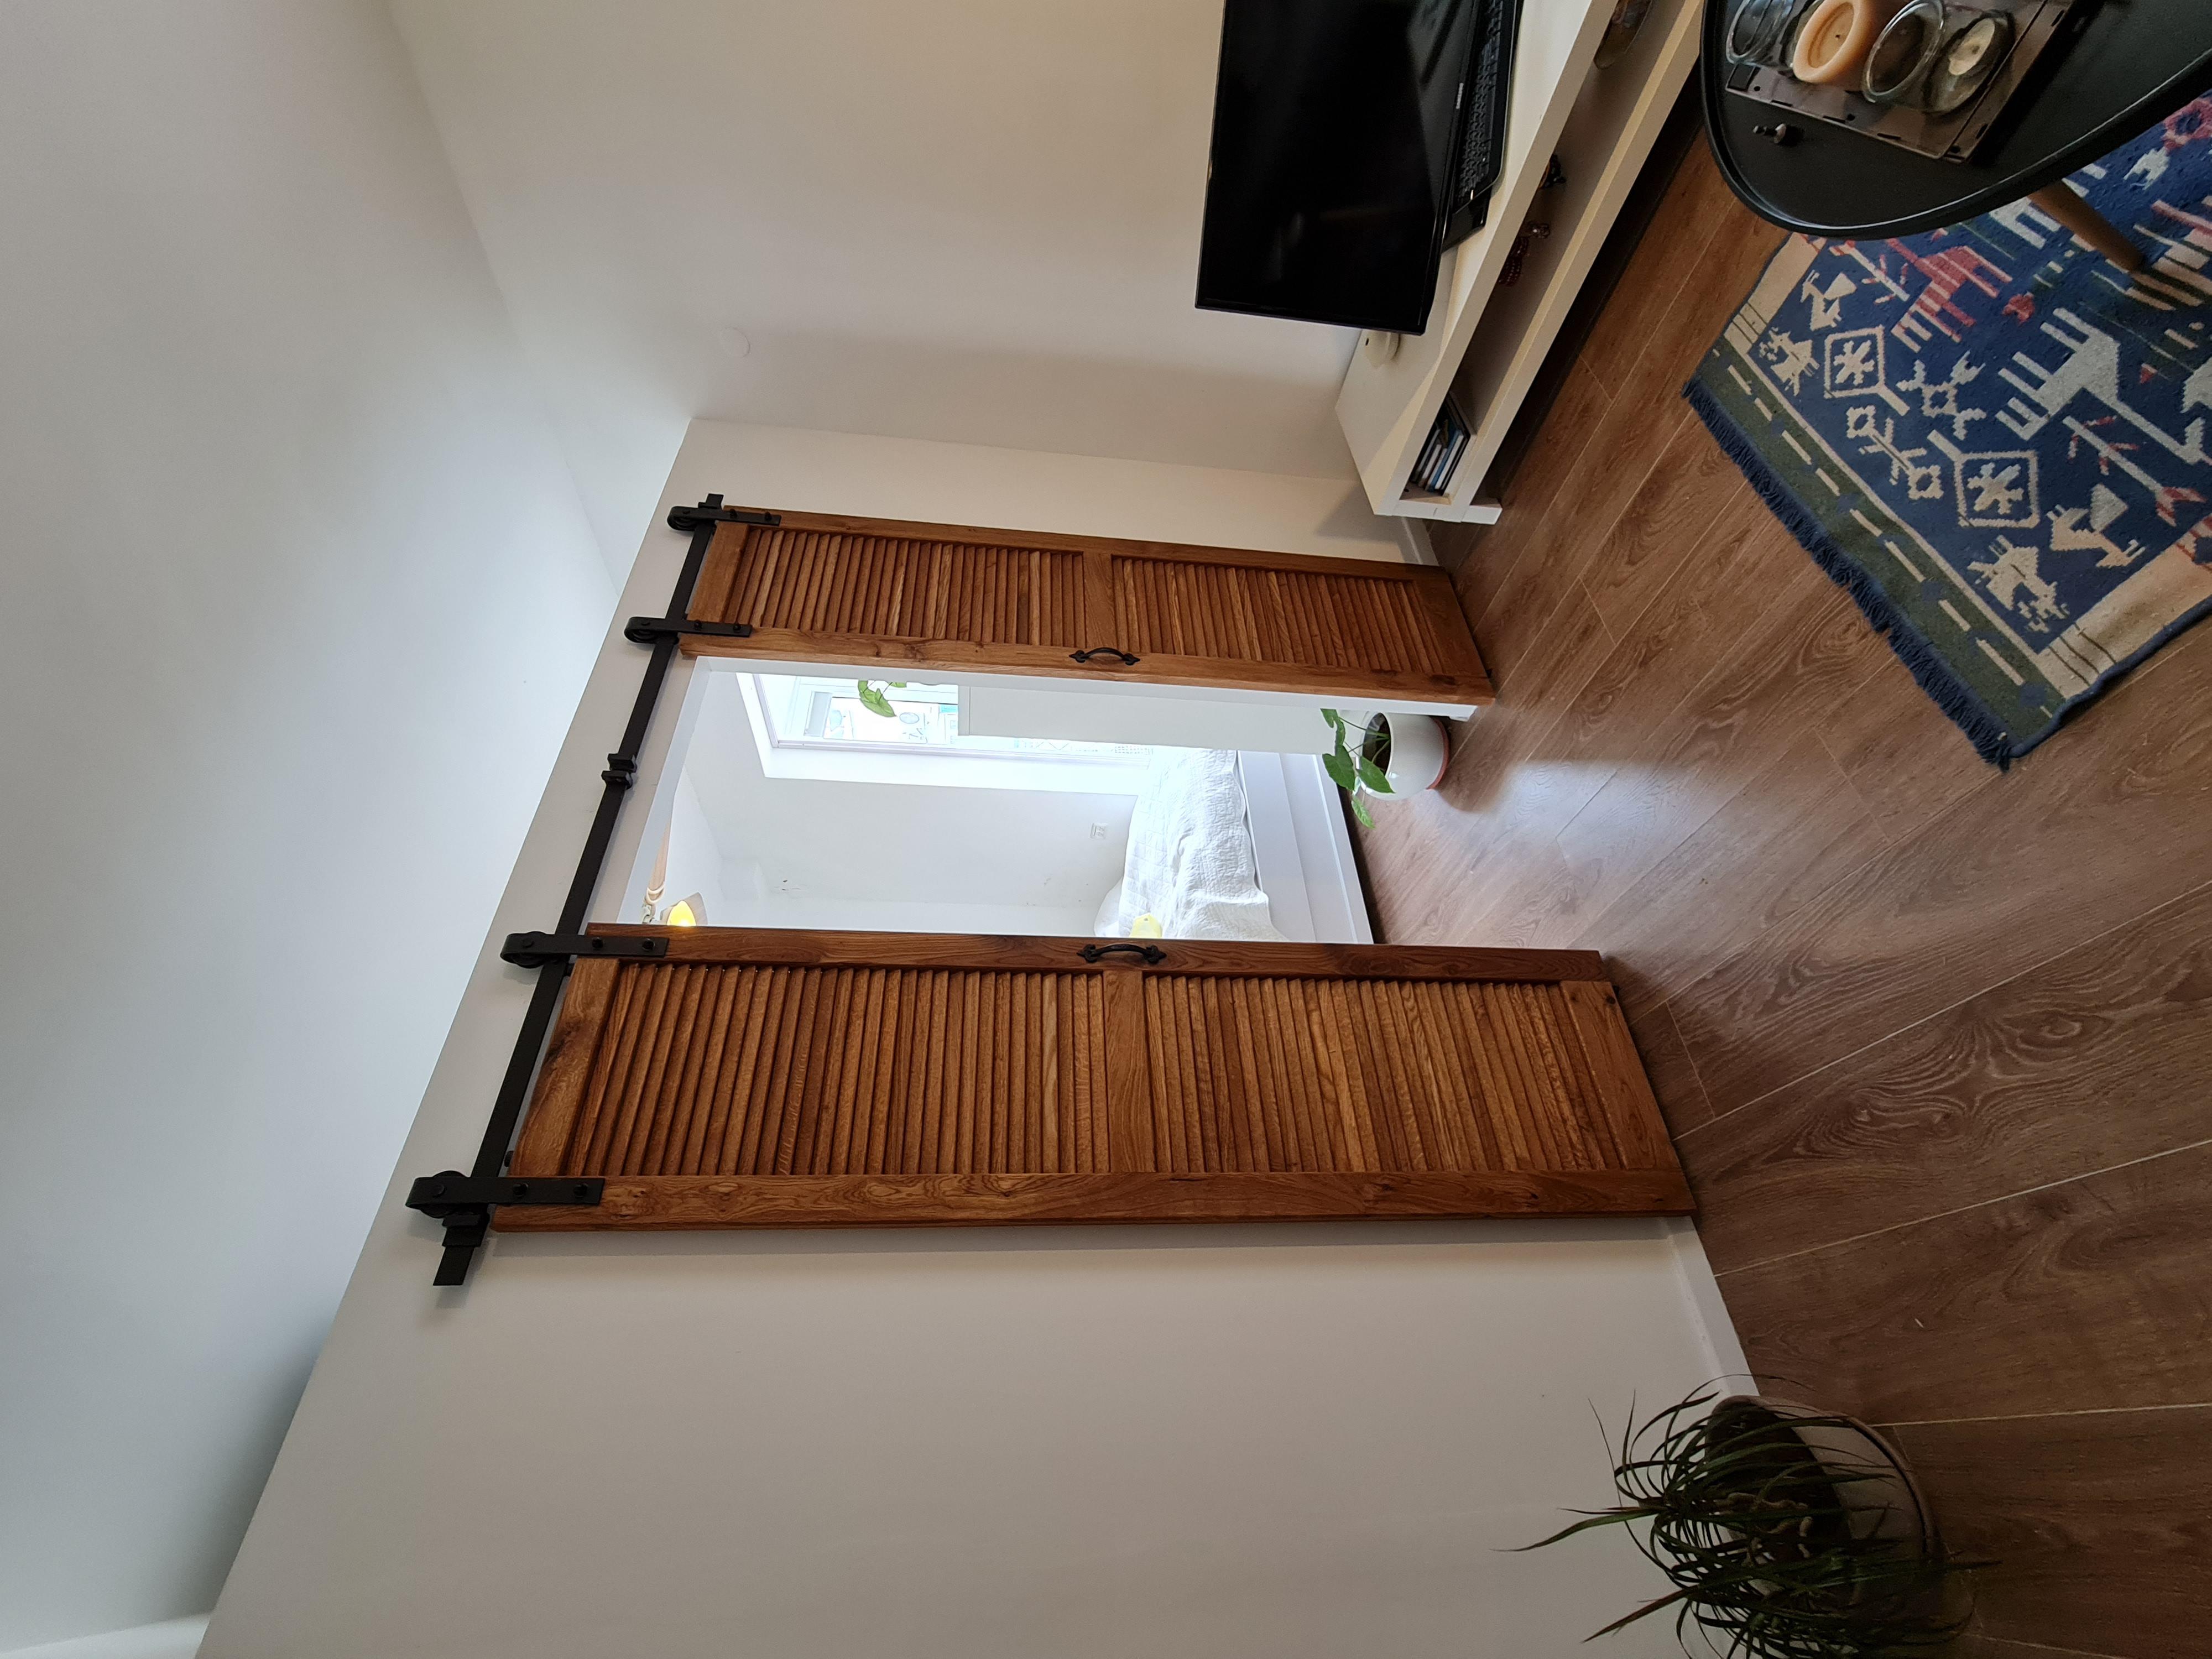 דלת אסם תריסי עץ